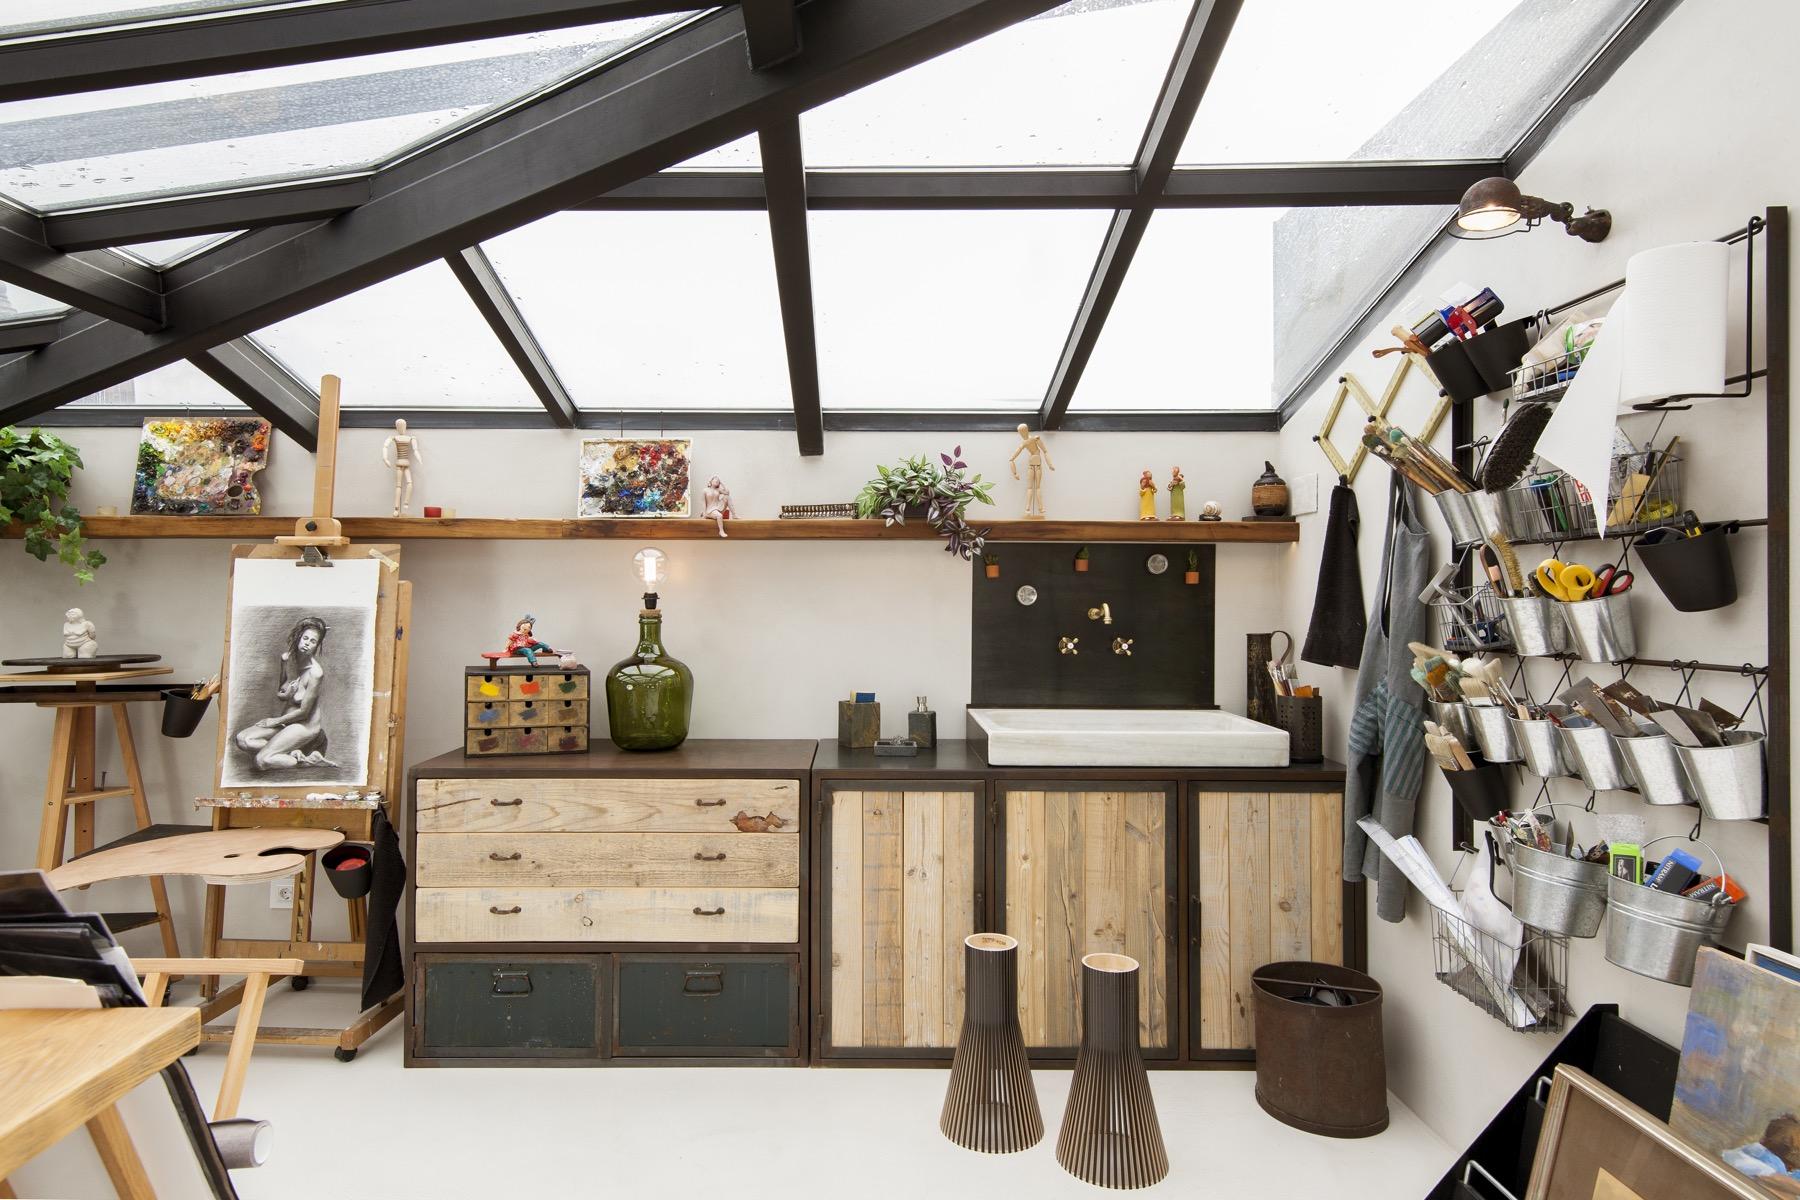 Atelier Design Studio